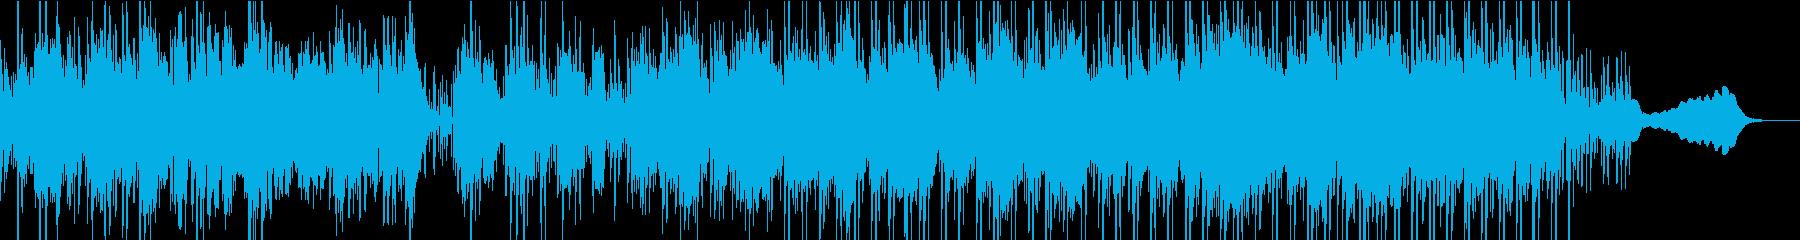 ほのぼのしたエレクトロニカの再生済みの波形